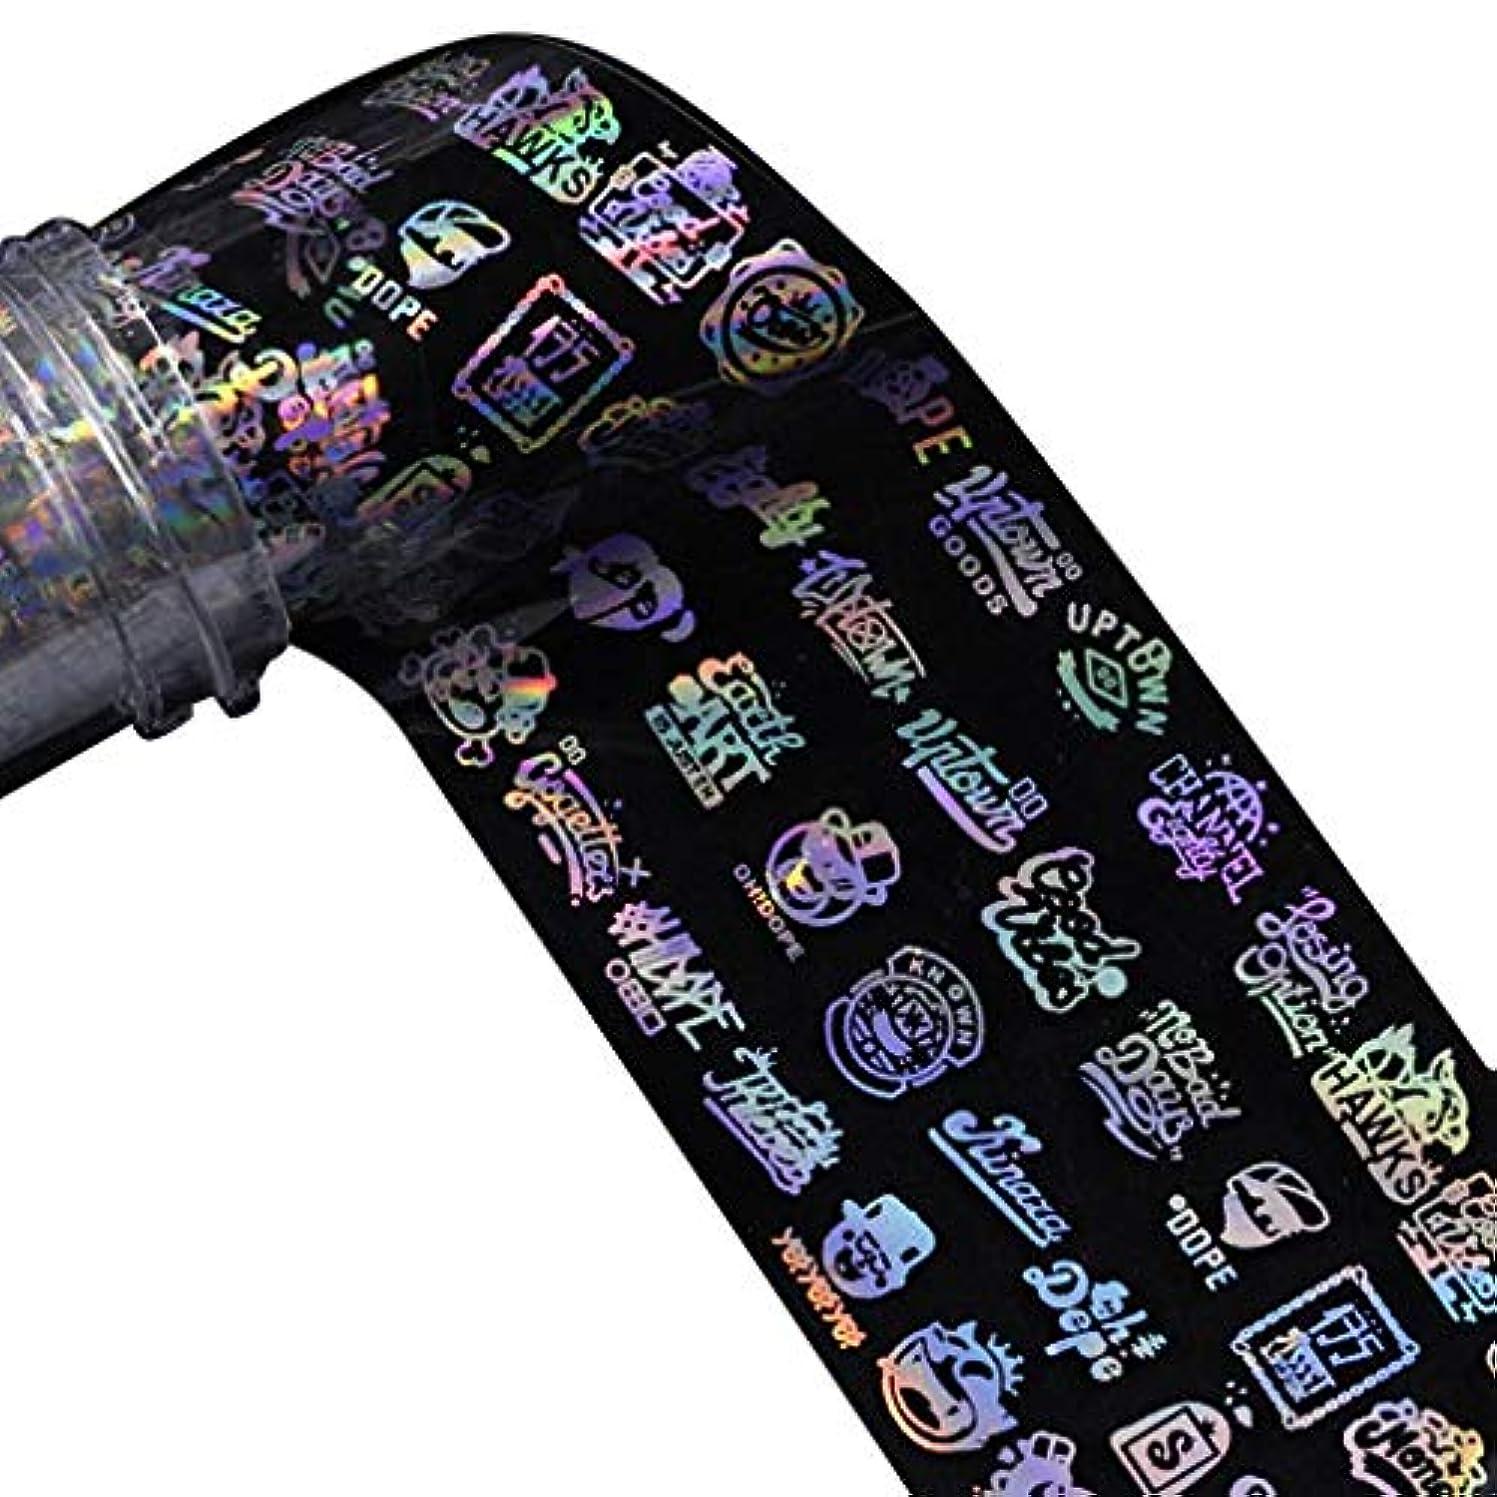 ホールショッキング工業化するNerhaily ヨーロッパ風格 ネイルホイル ネイルシール ウォーターネイルシール 爪に貼るだけ ネイルデコレーション 全10種類 ロールネイルシール